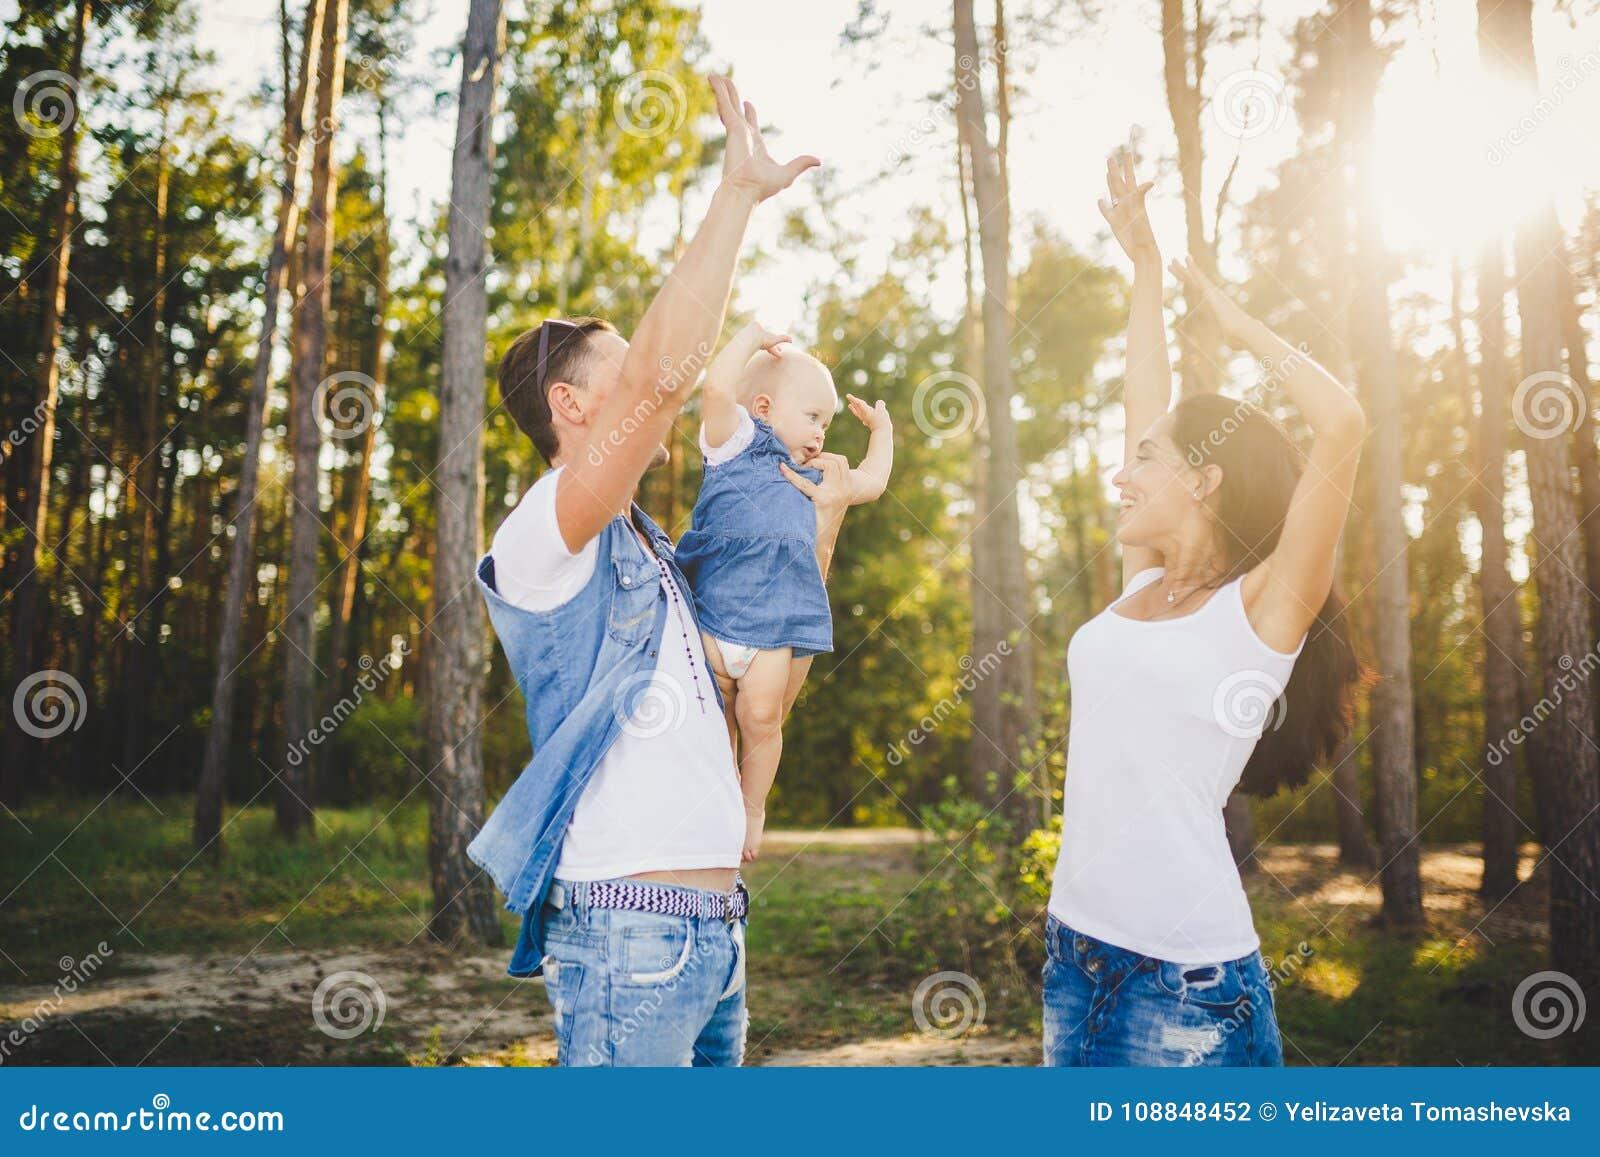 Themafamilienurlaub im kleinen Kind des Wald A hat Tochter mit Vati auf Schultern, hoben Mutterstände nahe bei ihr Arme an und